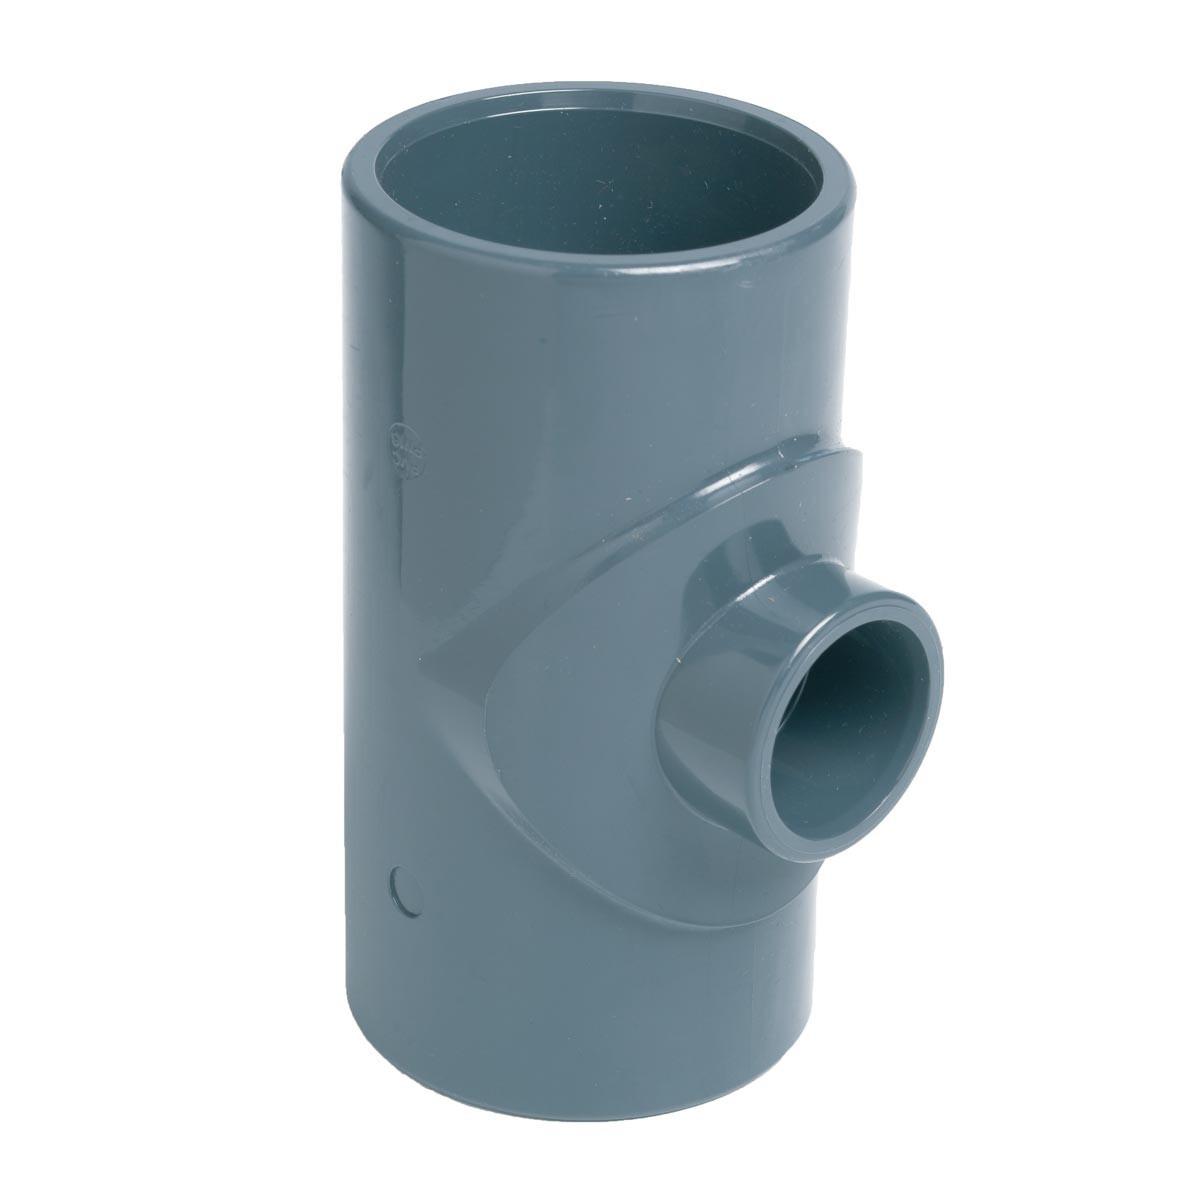 Тройник клеевой 90° редукционный EFFAST d90x40 мм (RDRTRD090E)